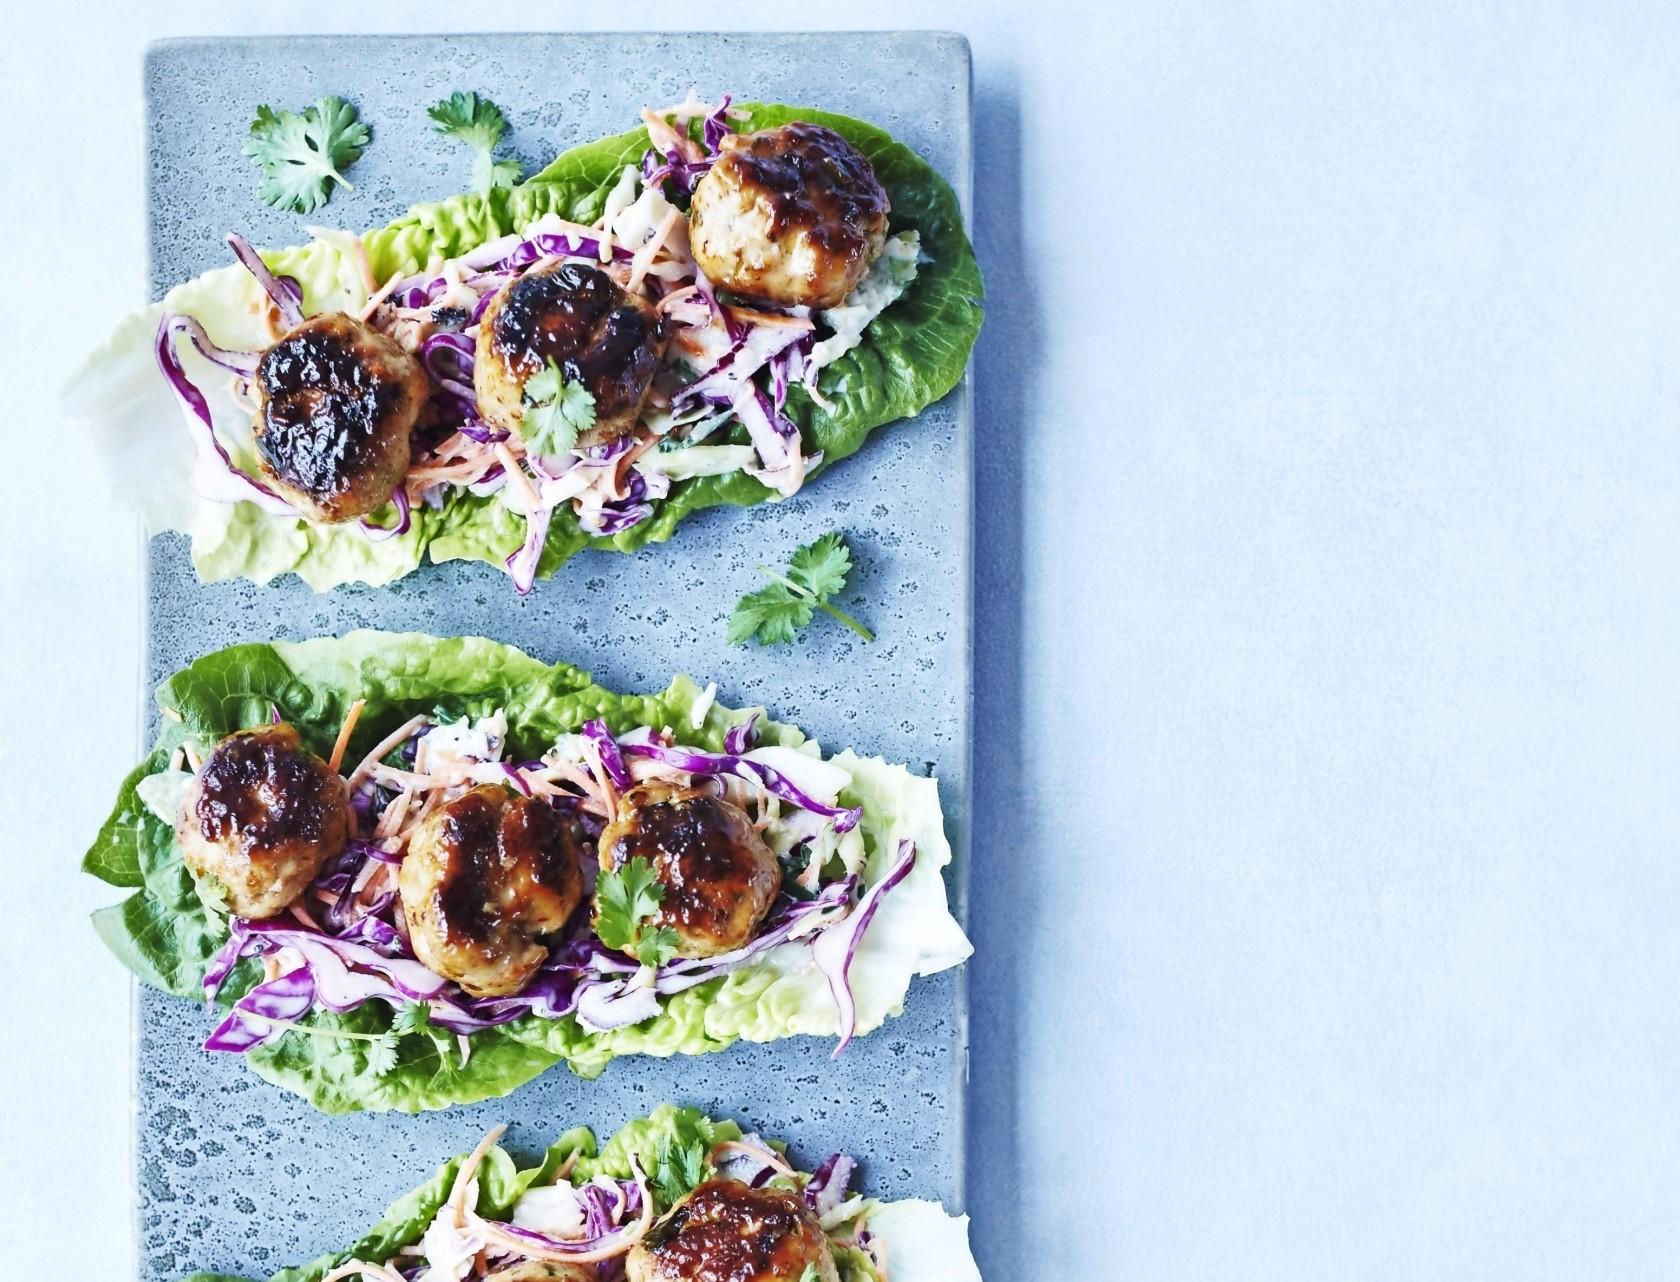 Asiatiske kødboller med coleslaw er nem og lækker hverdagsmad.